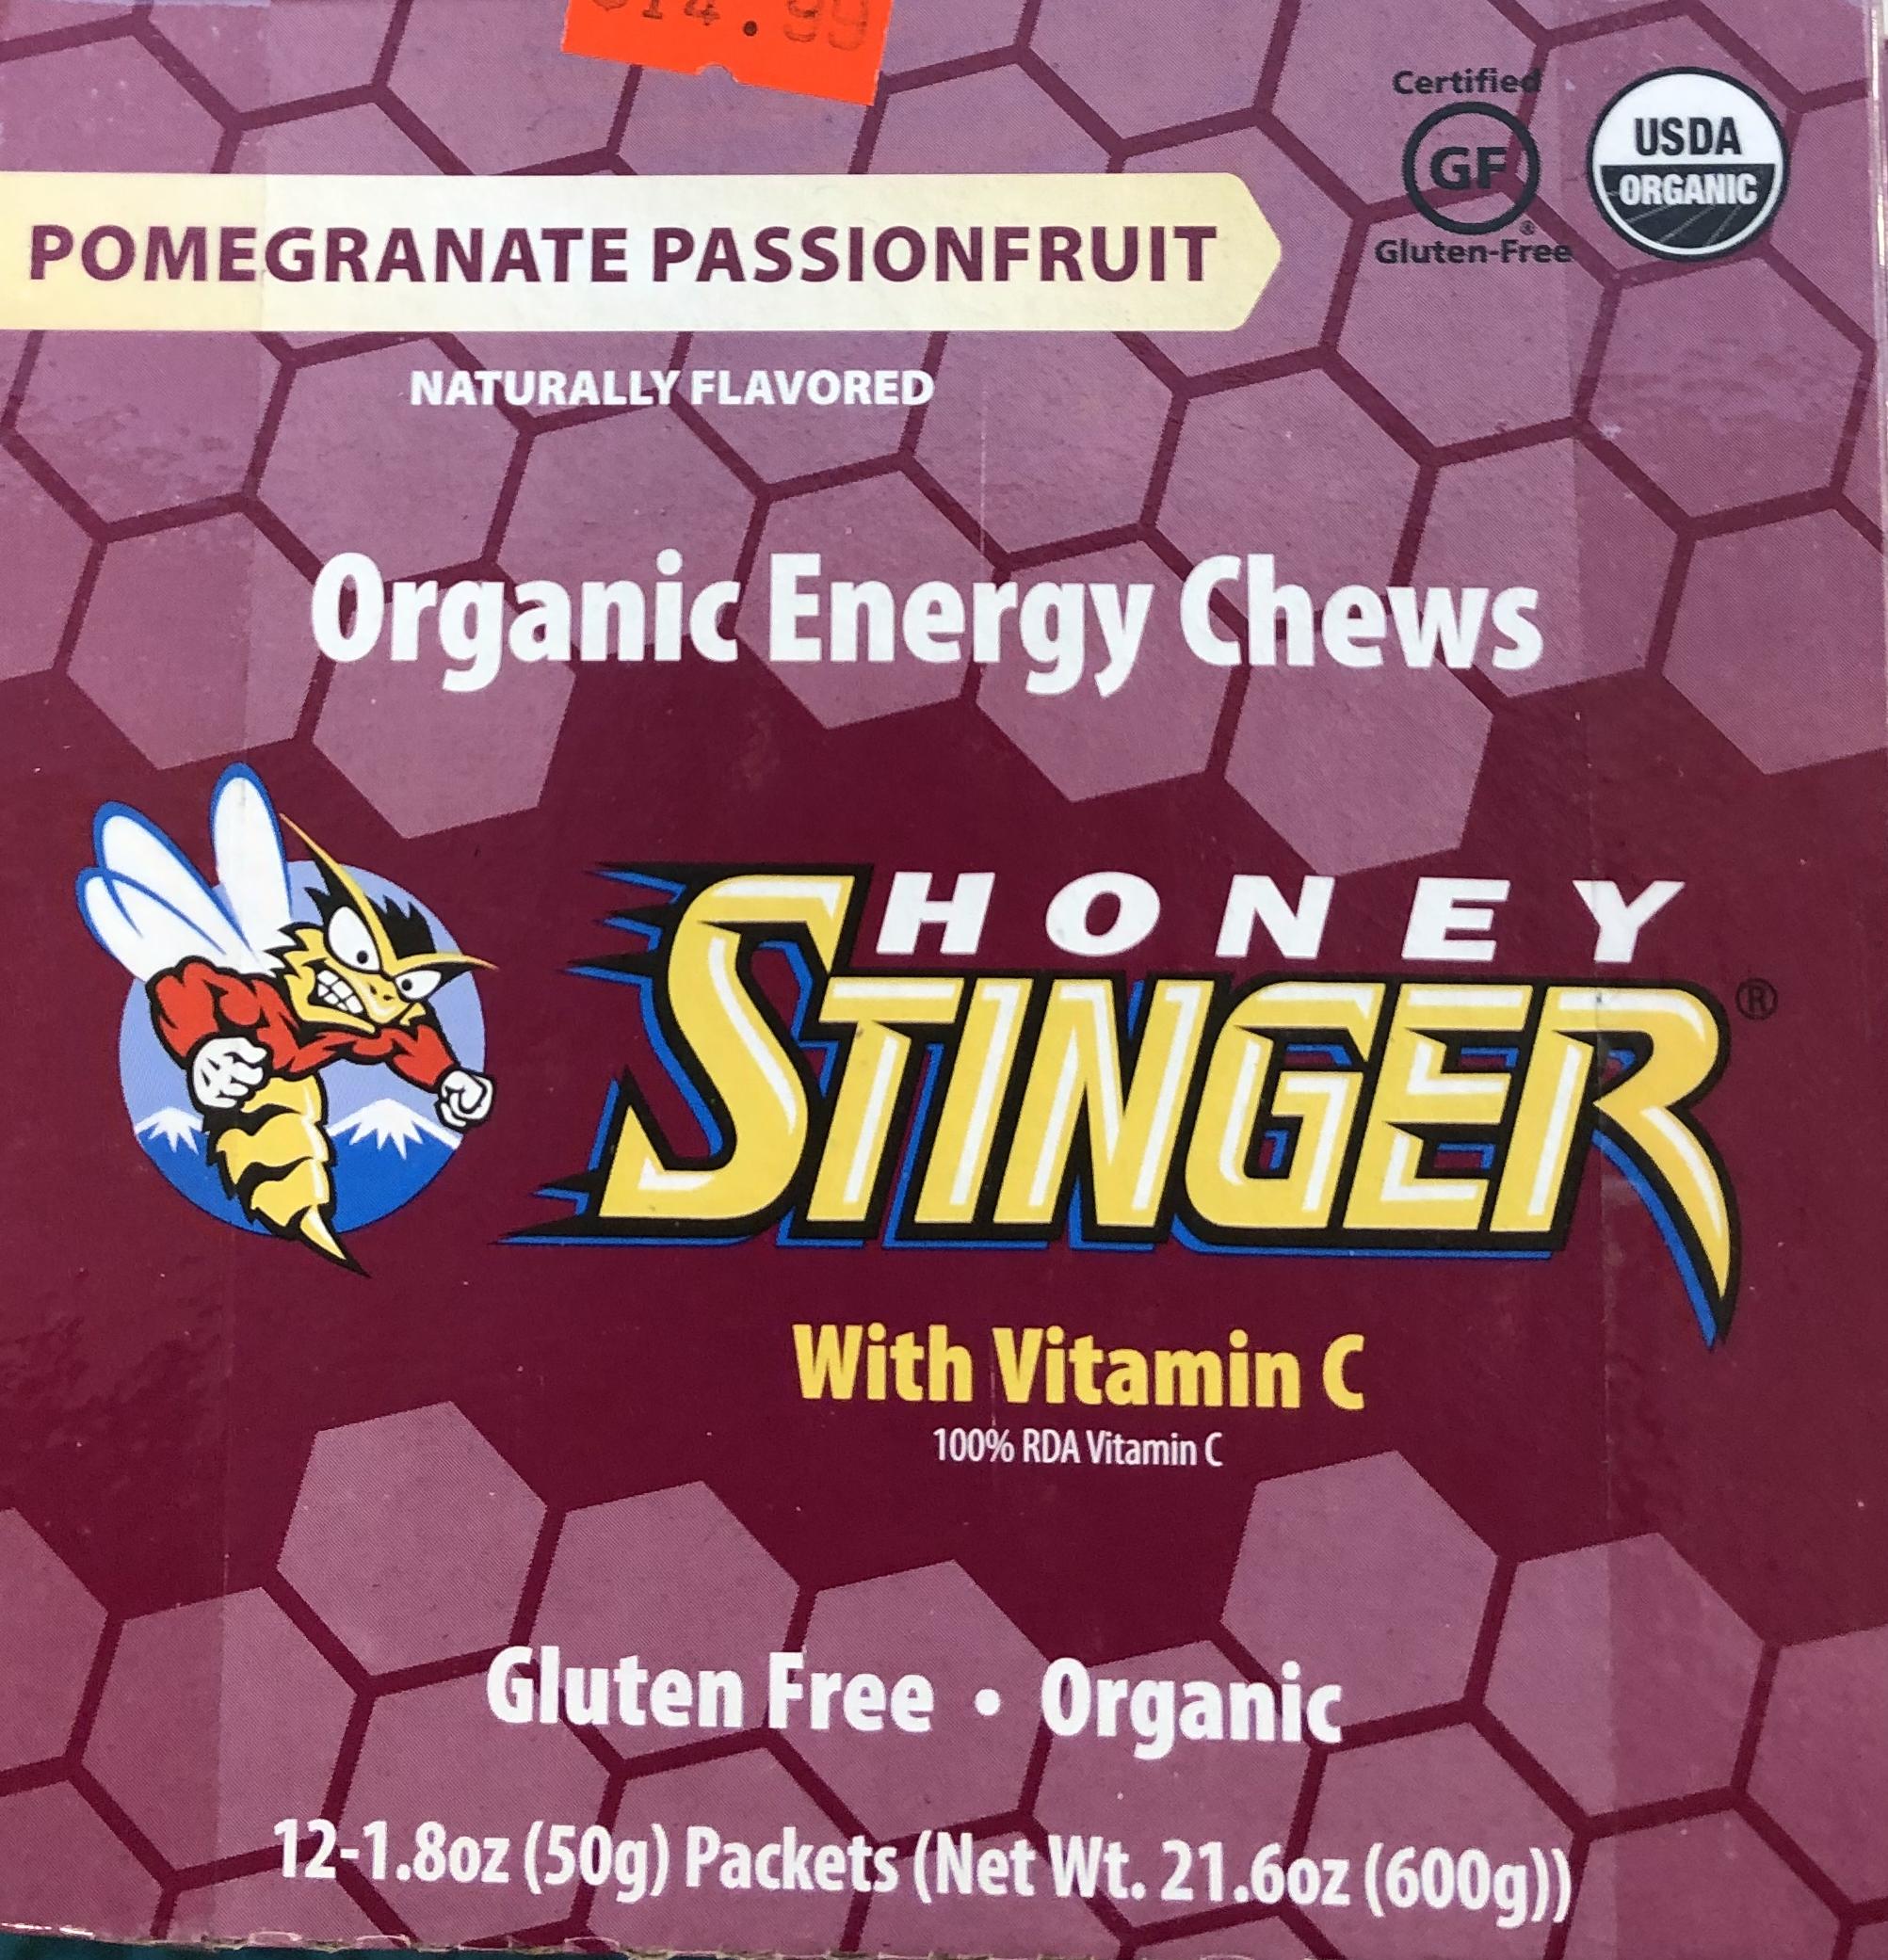 Honey Stinger Organic Energy Chews - Pomegranate Passionfruit